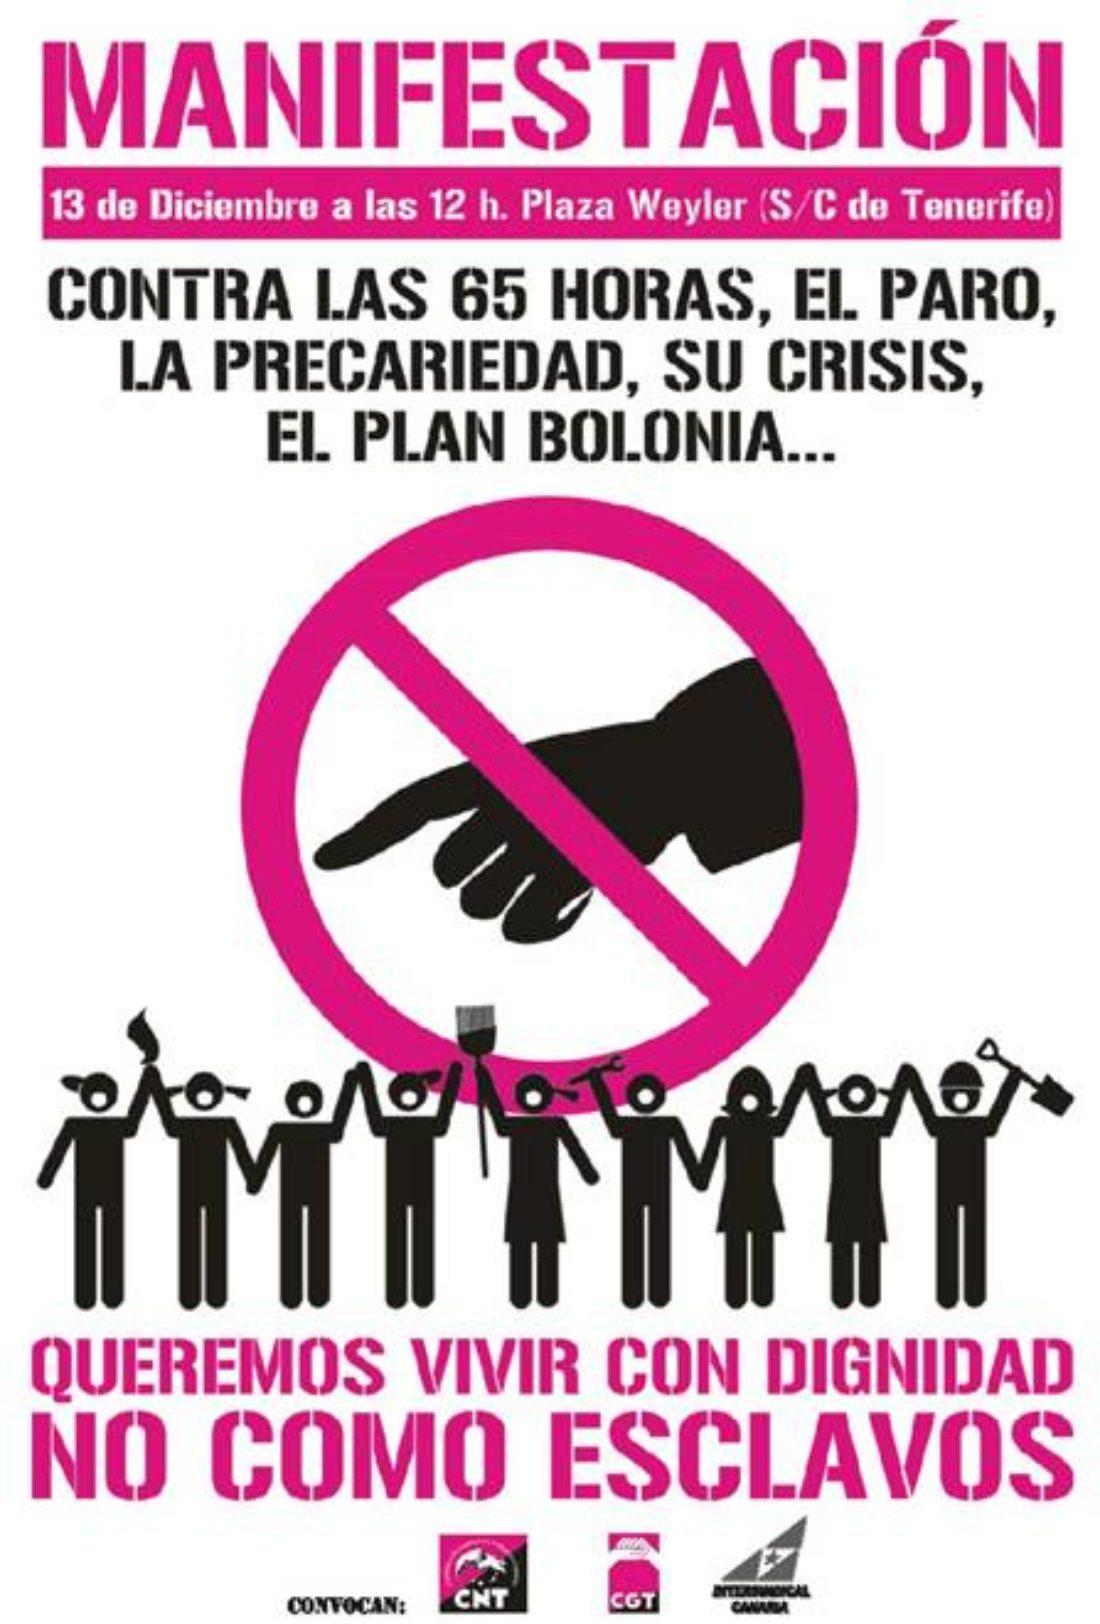 Tenerife: manifestación contra la crisis. 13 de diciembre, 12h. Plaza Weyler